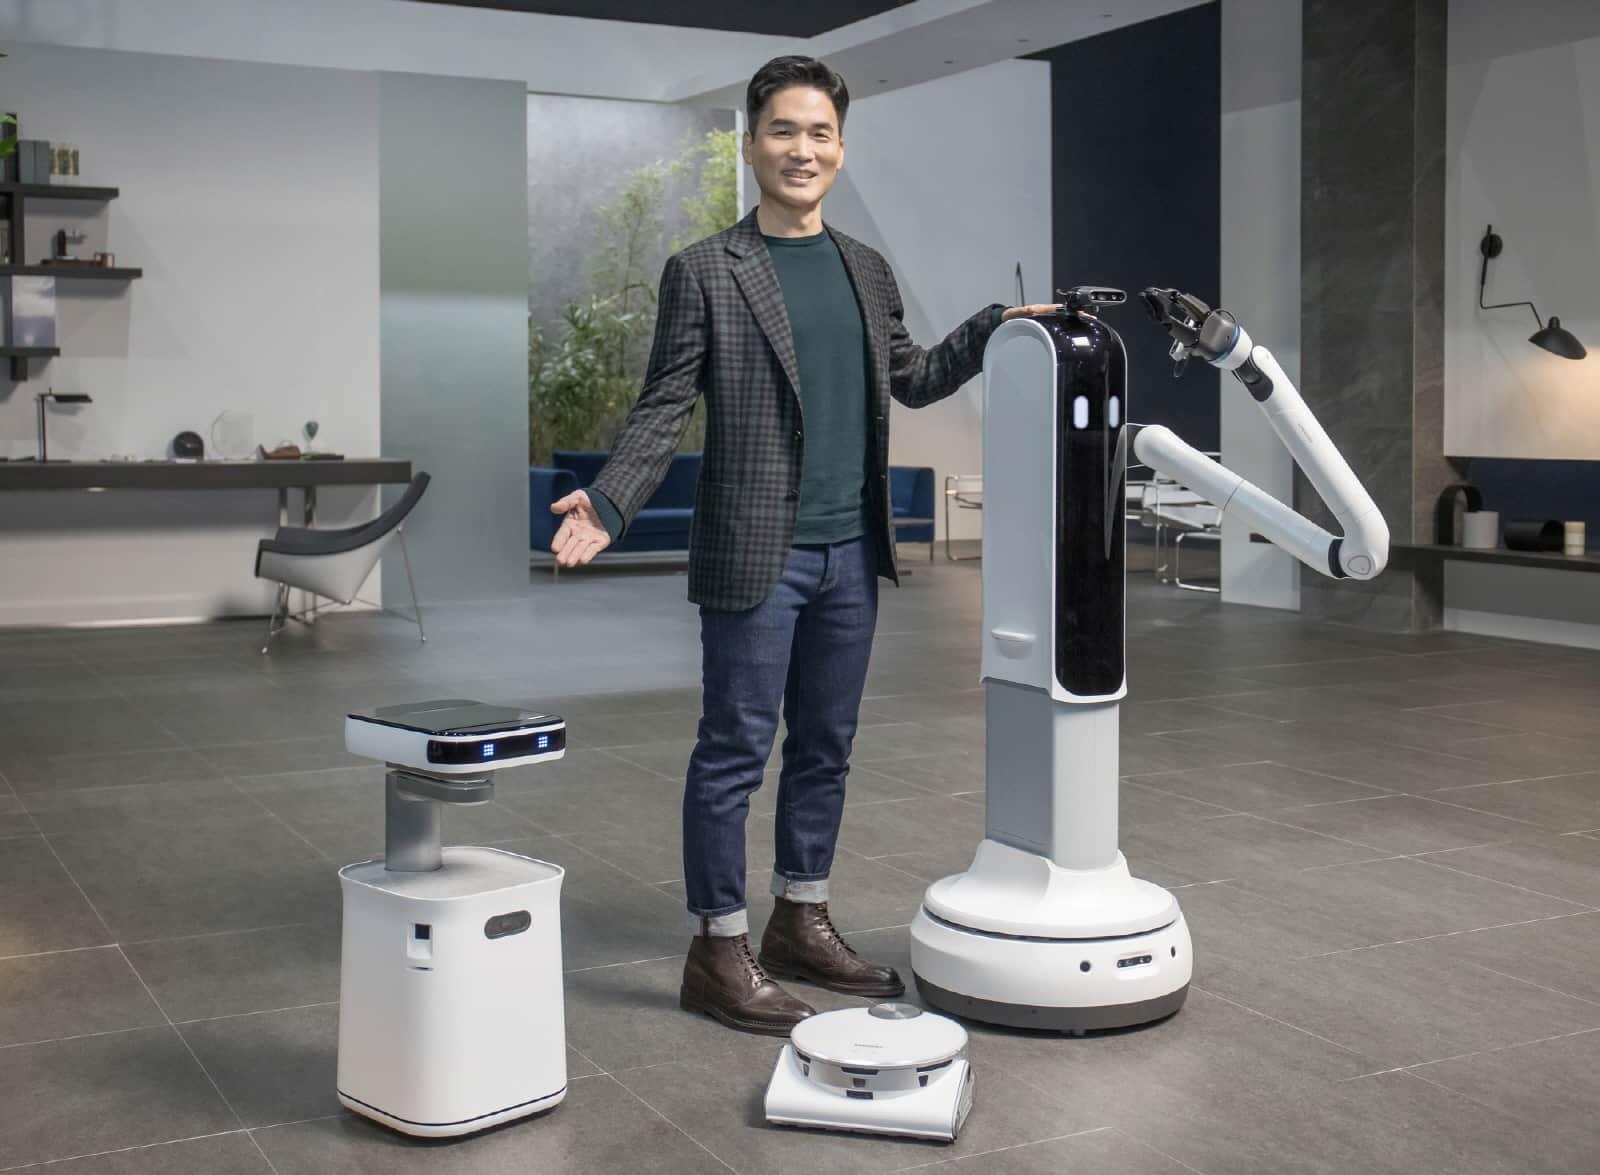 KI und Robotik stellen bei Samsung einen wichtigen Teil für die Arbeit an einer besseren Zukunft dar.